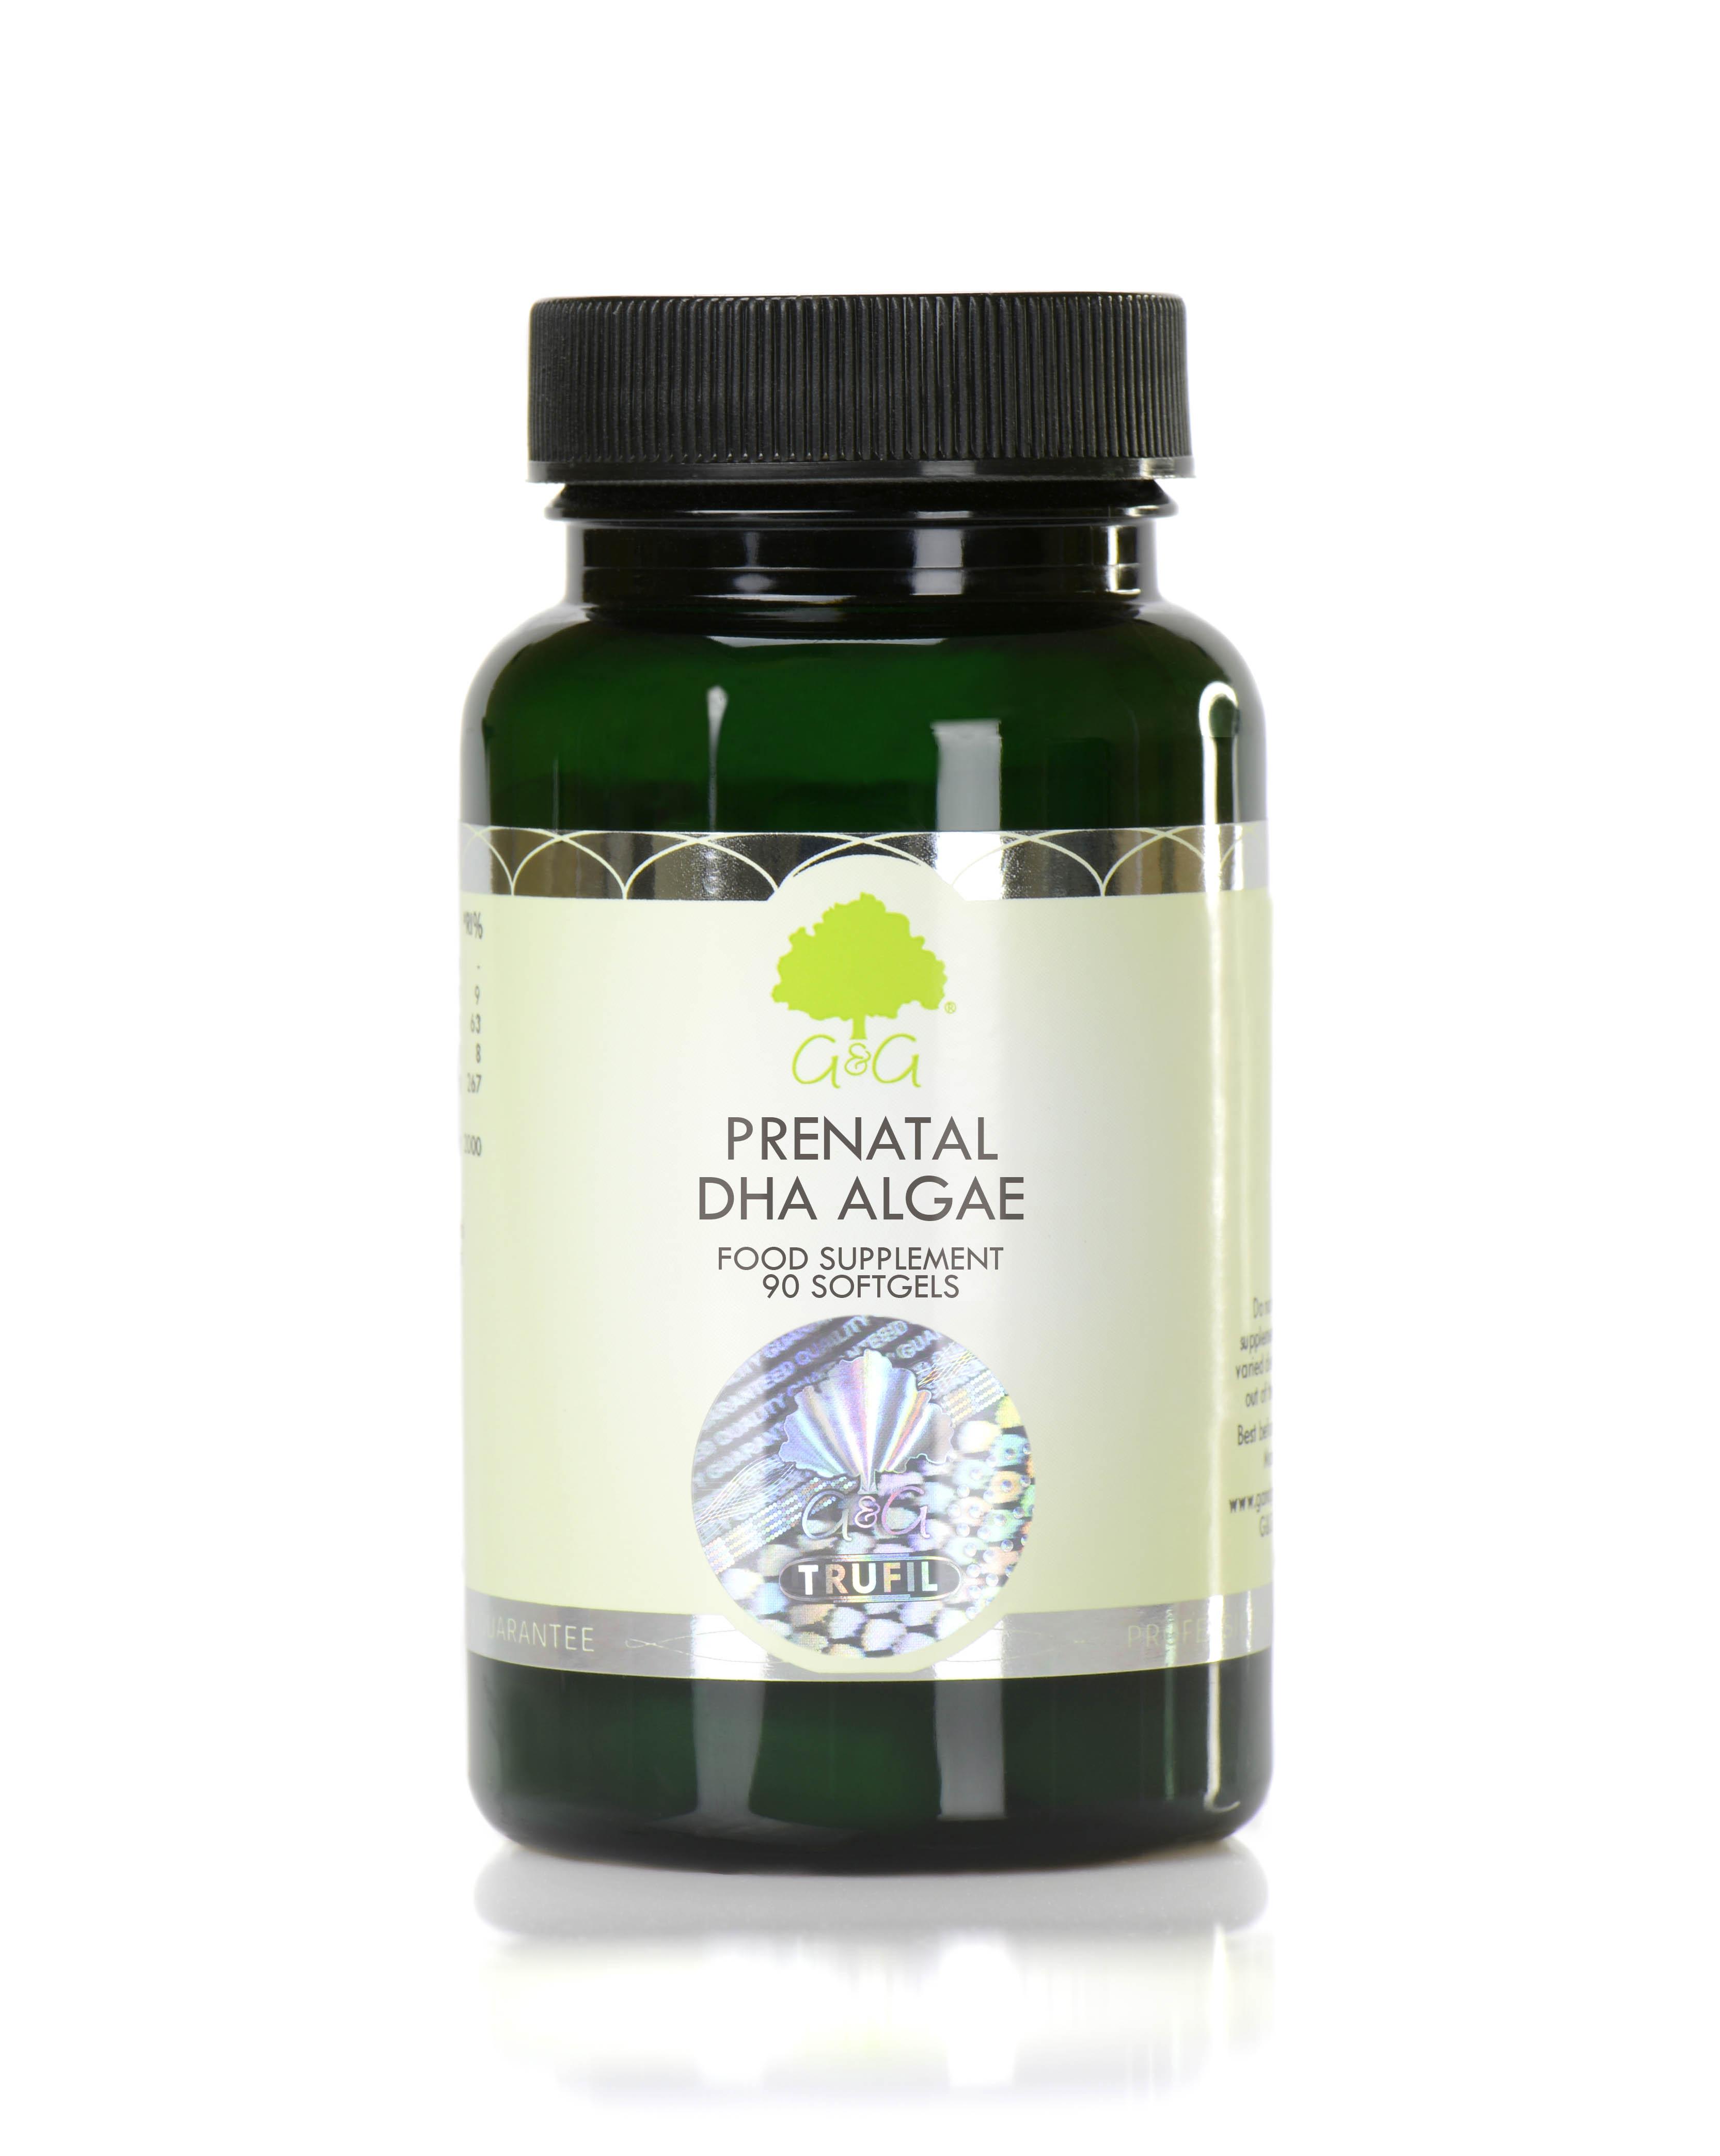 Prenatal DHA Algae 90's